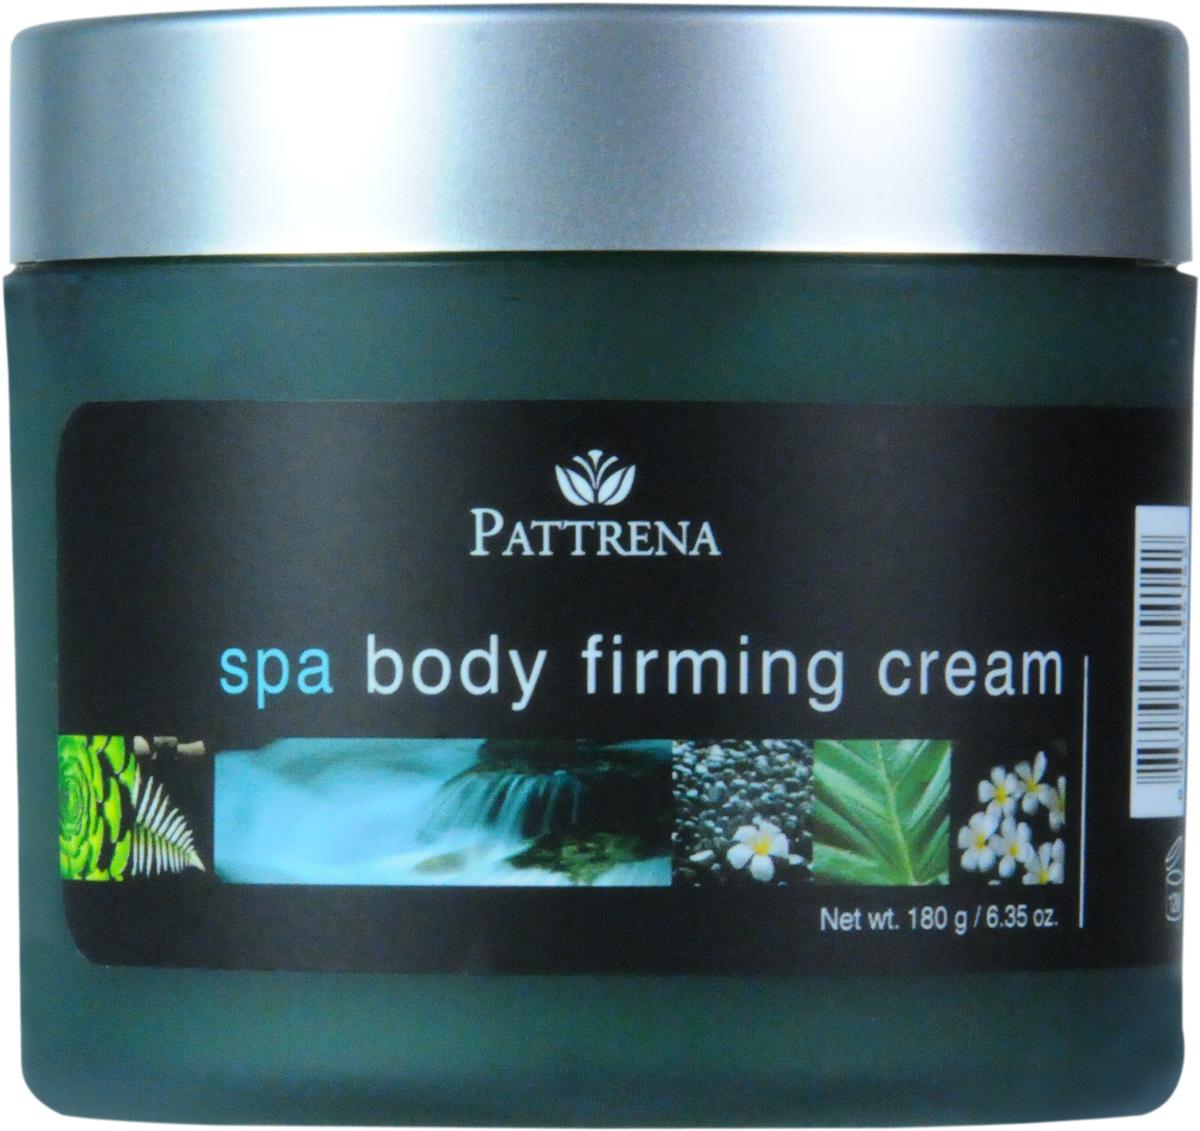 Pattrena Крем для упругости кожи тела Паттрена Спа Firming, 180 г65414Нежный, легкий крем, обогащенный экстрактом центеллы и пуэрарии, восстанавливающий эластичность кожи, придавая ей мягкость и гладкость. Обогащенный витамином Е и увлажняющими компонентами он увлажняет кожу, наполняя ее здоровьем, оставляя на коже ощущение свежести, обновления и восстановления.